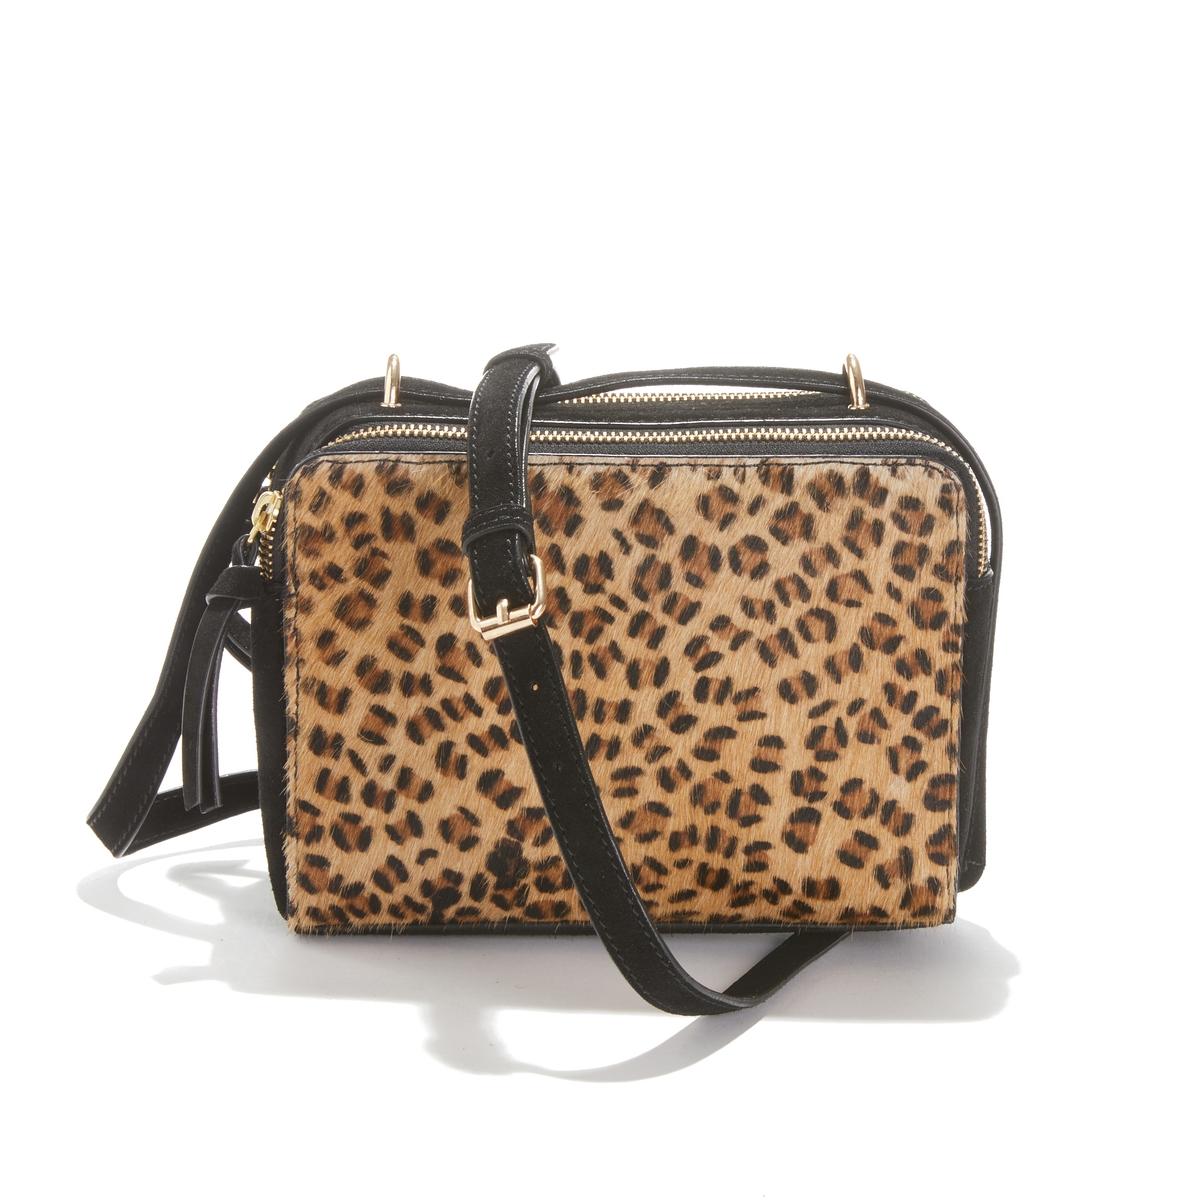 Bolso rígido de piel, efecto leopardo